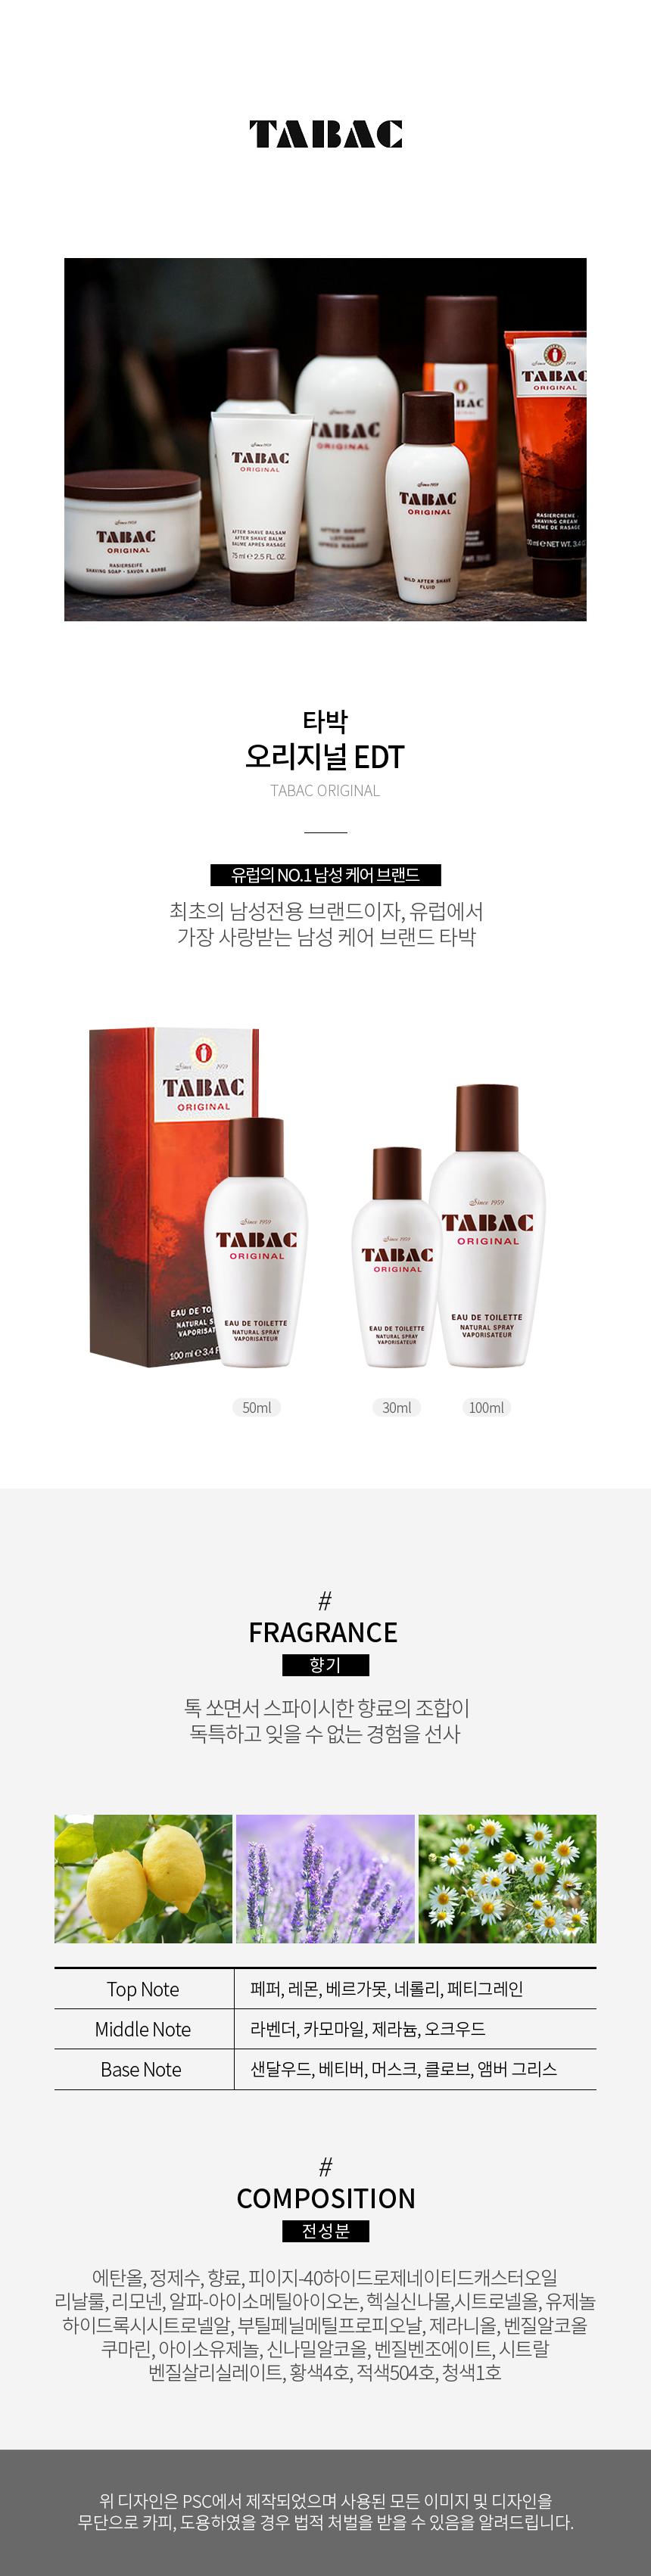 tabac_original_page.jpg